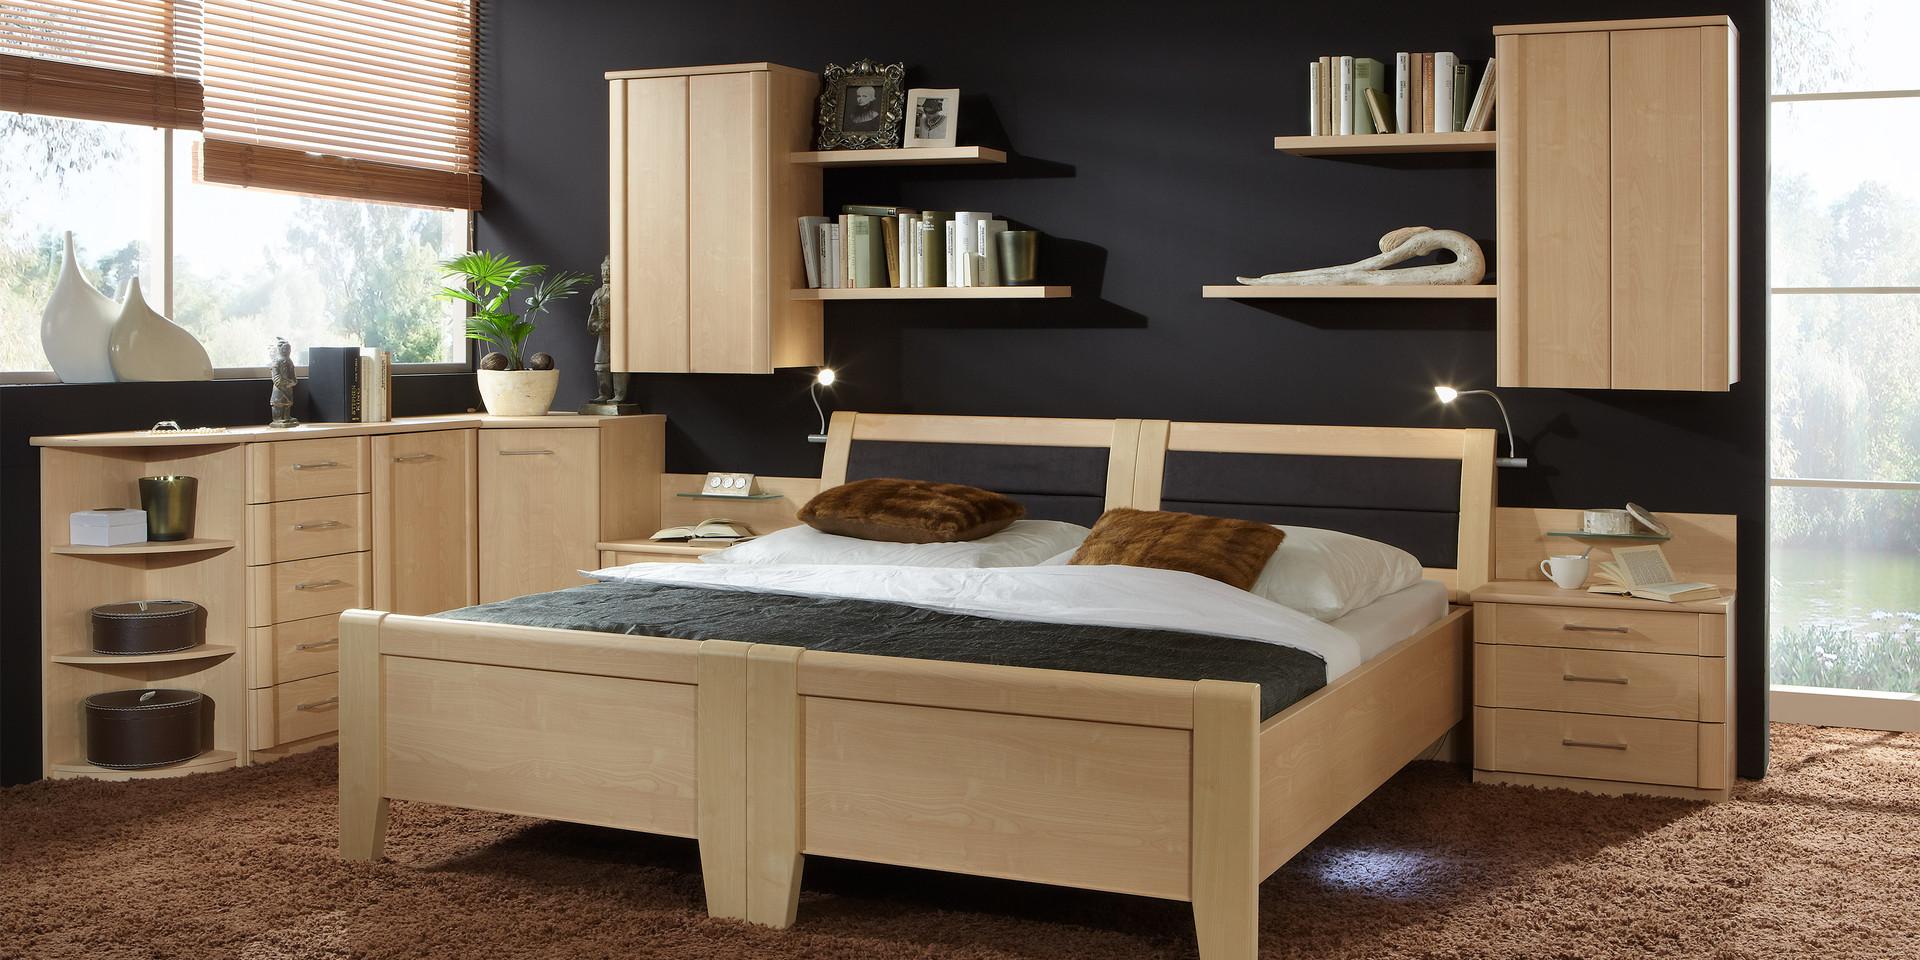 erleben sie das schlafzimmer luxor 3+4 | möbelhersteller wiemann, Schlafzimmer entwurf